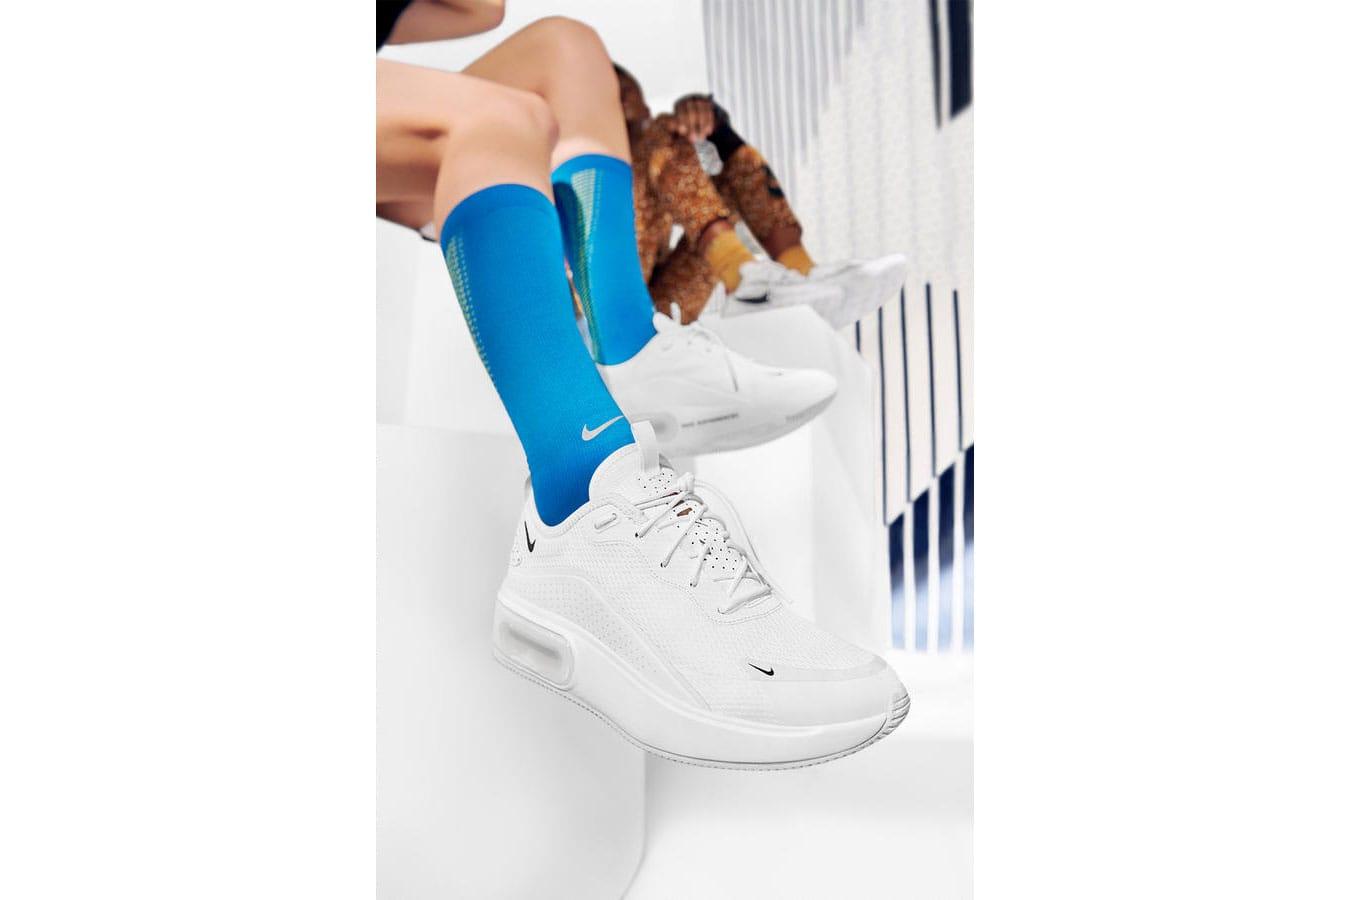 Nike's \